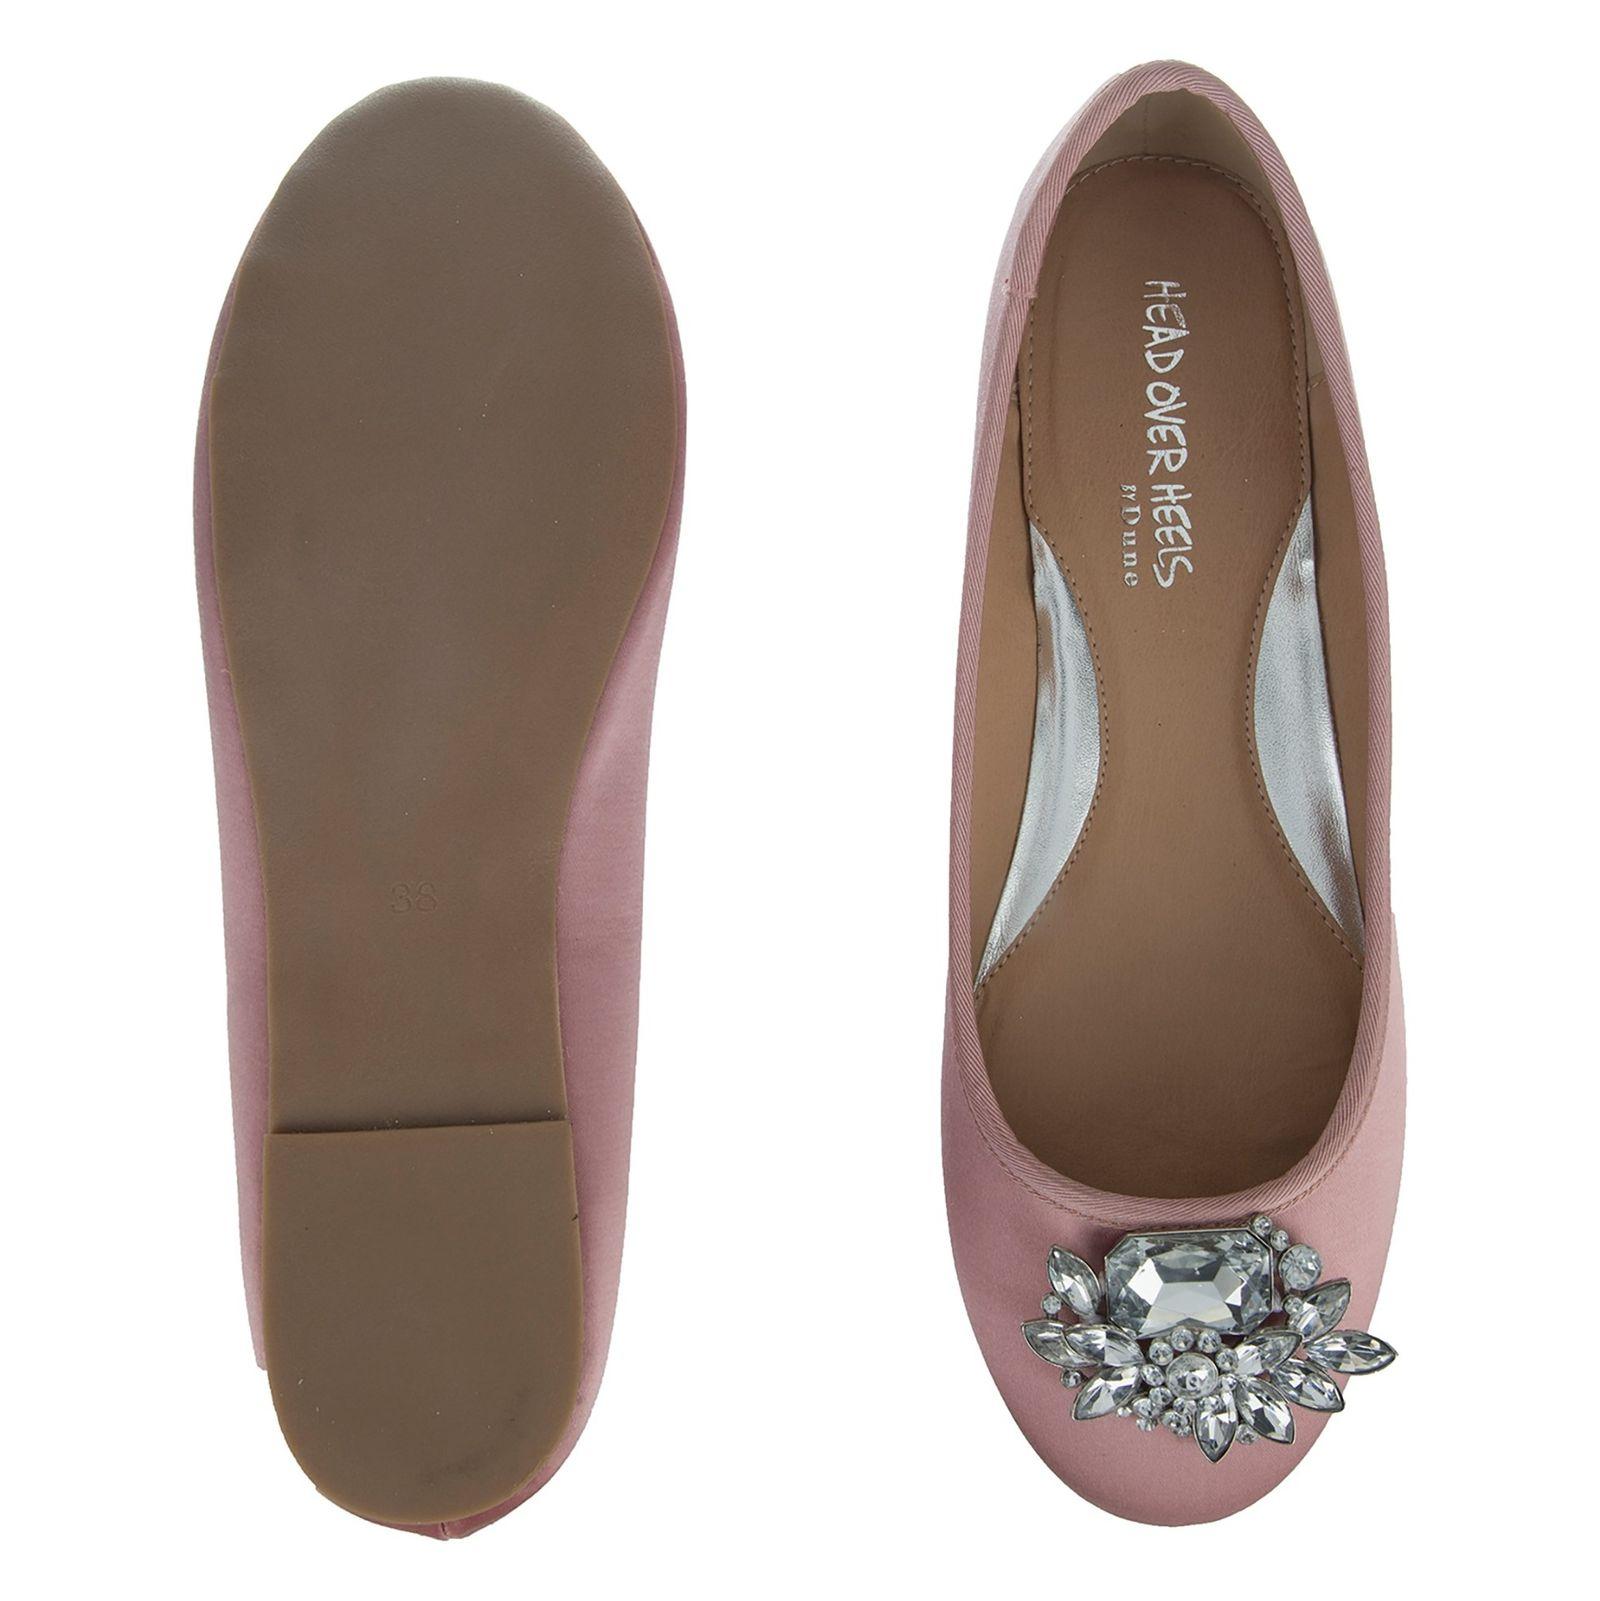 کفش تخت پارچه ای زنانه Hiya - دون لندن - صورتي - 2